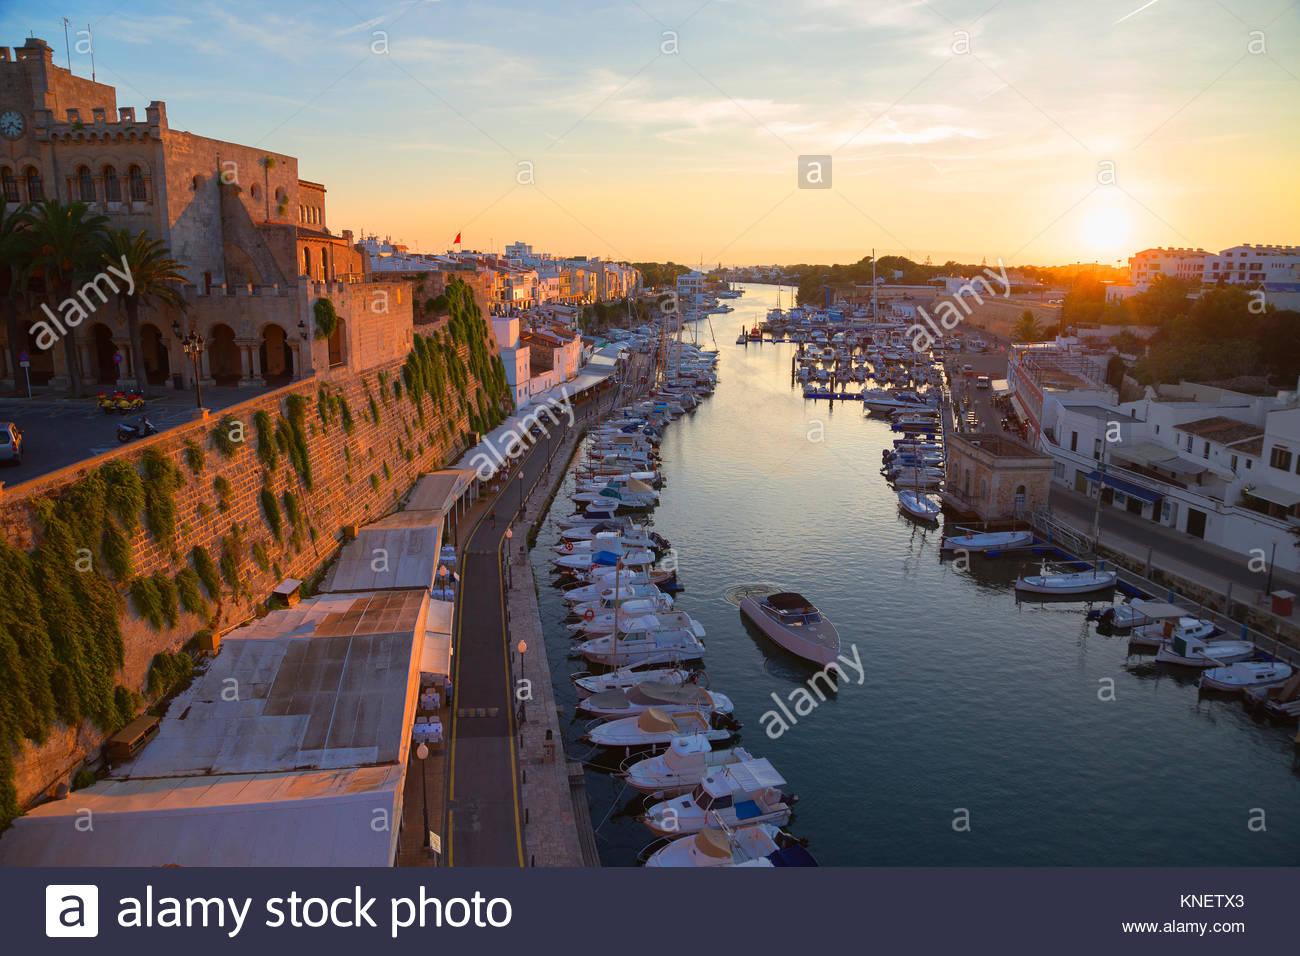 Blick auf den historischen Hafen Waterfront und Rathaus bei Sonnenuntergang, Ciutadella, Menorca, Balearen, Spanien Stockbild